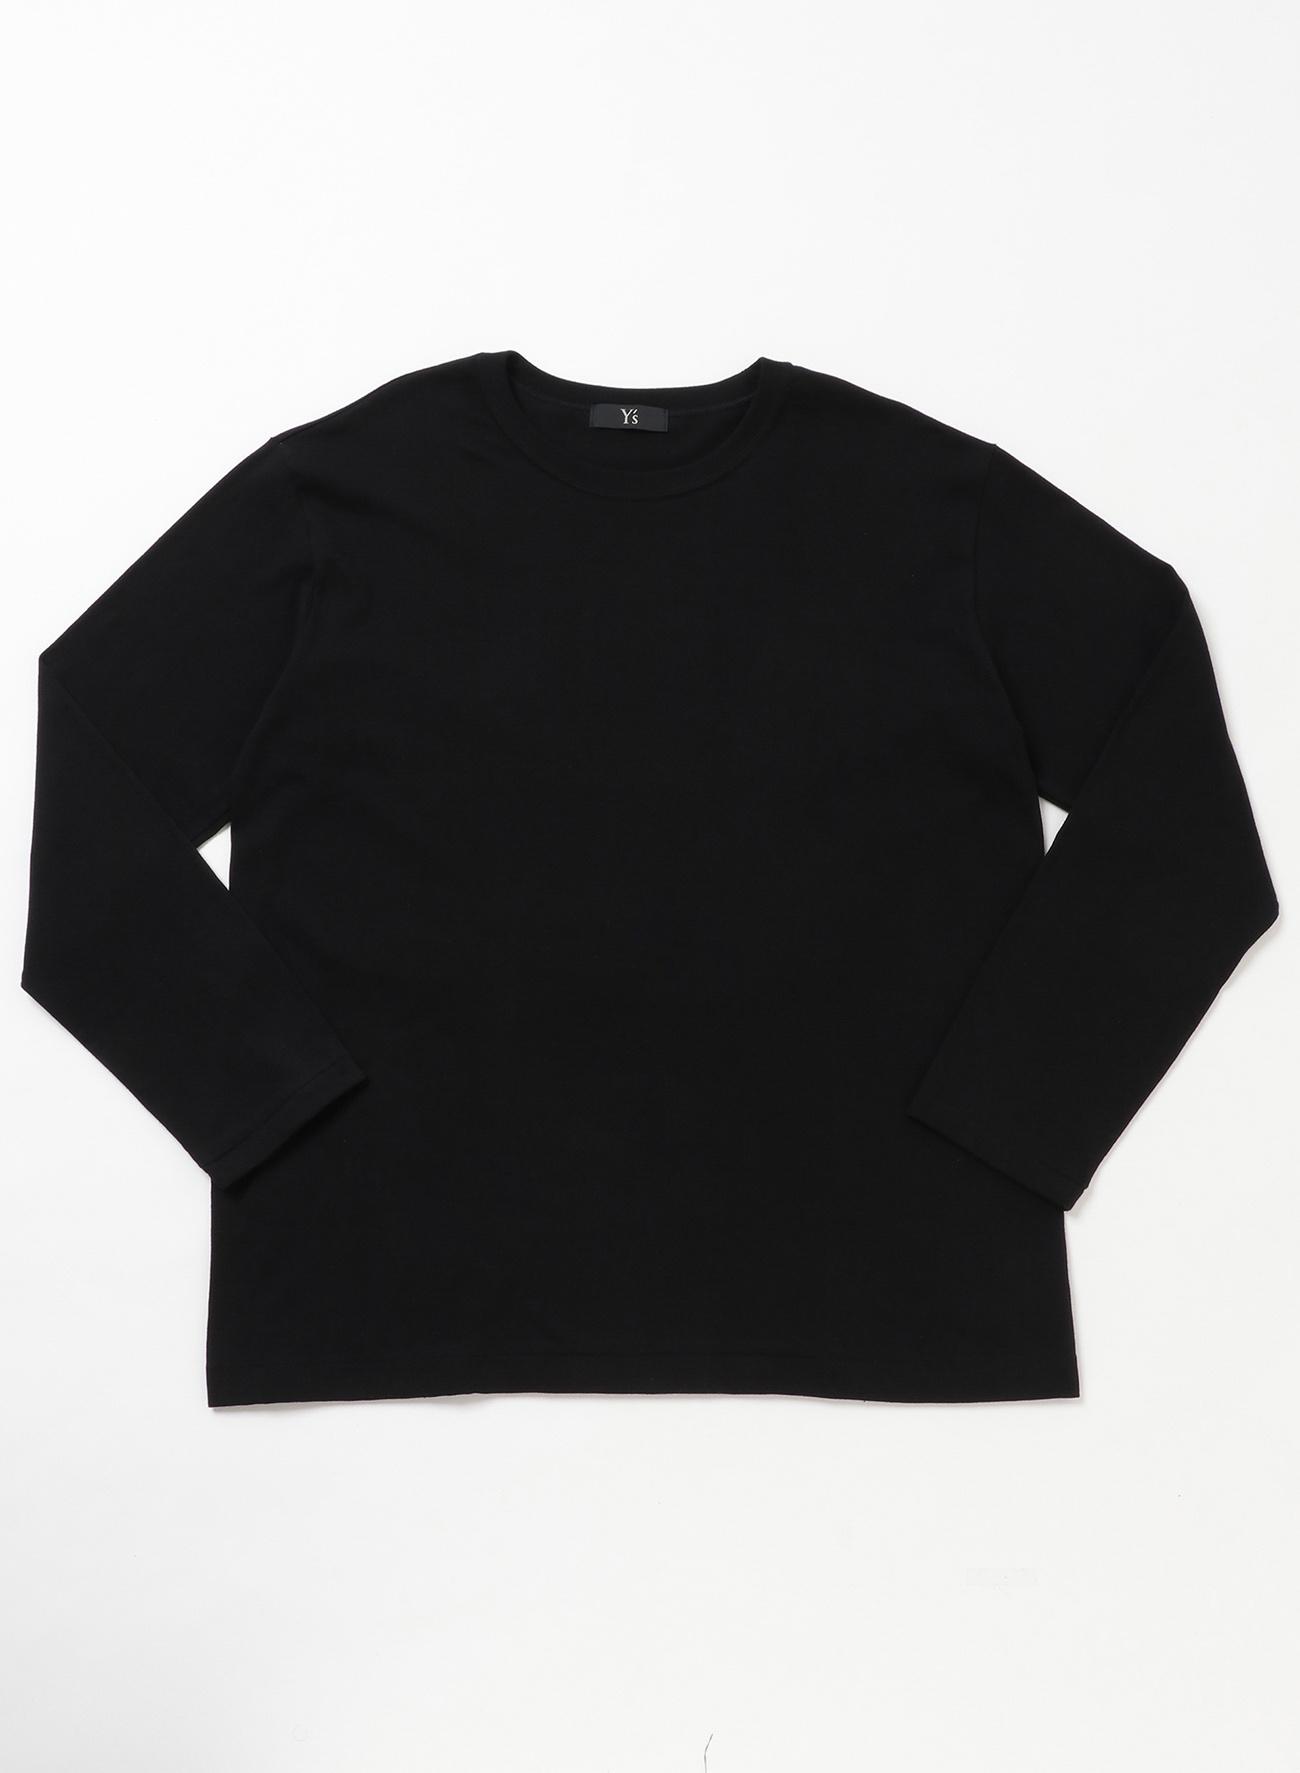 2PIECES T-SHIRTS Black/Black